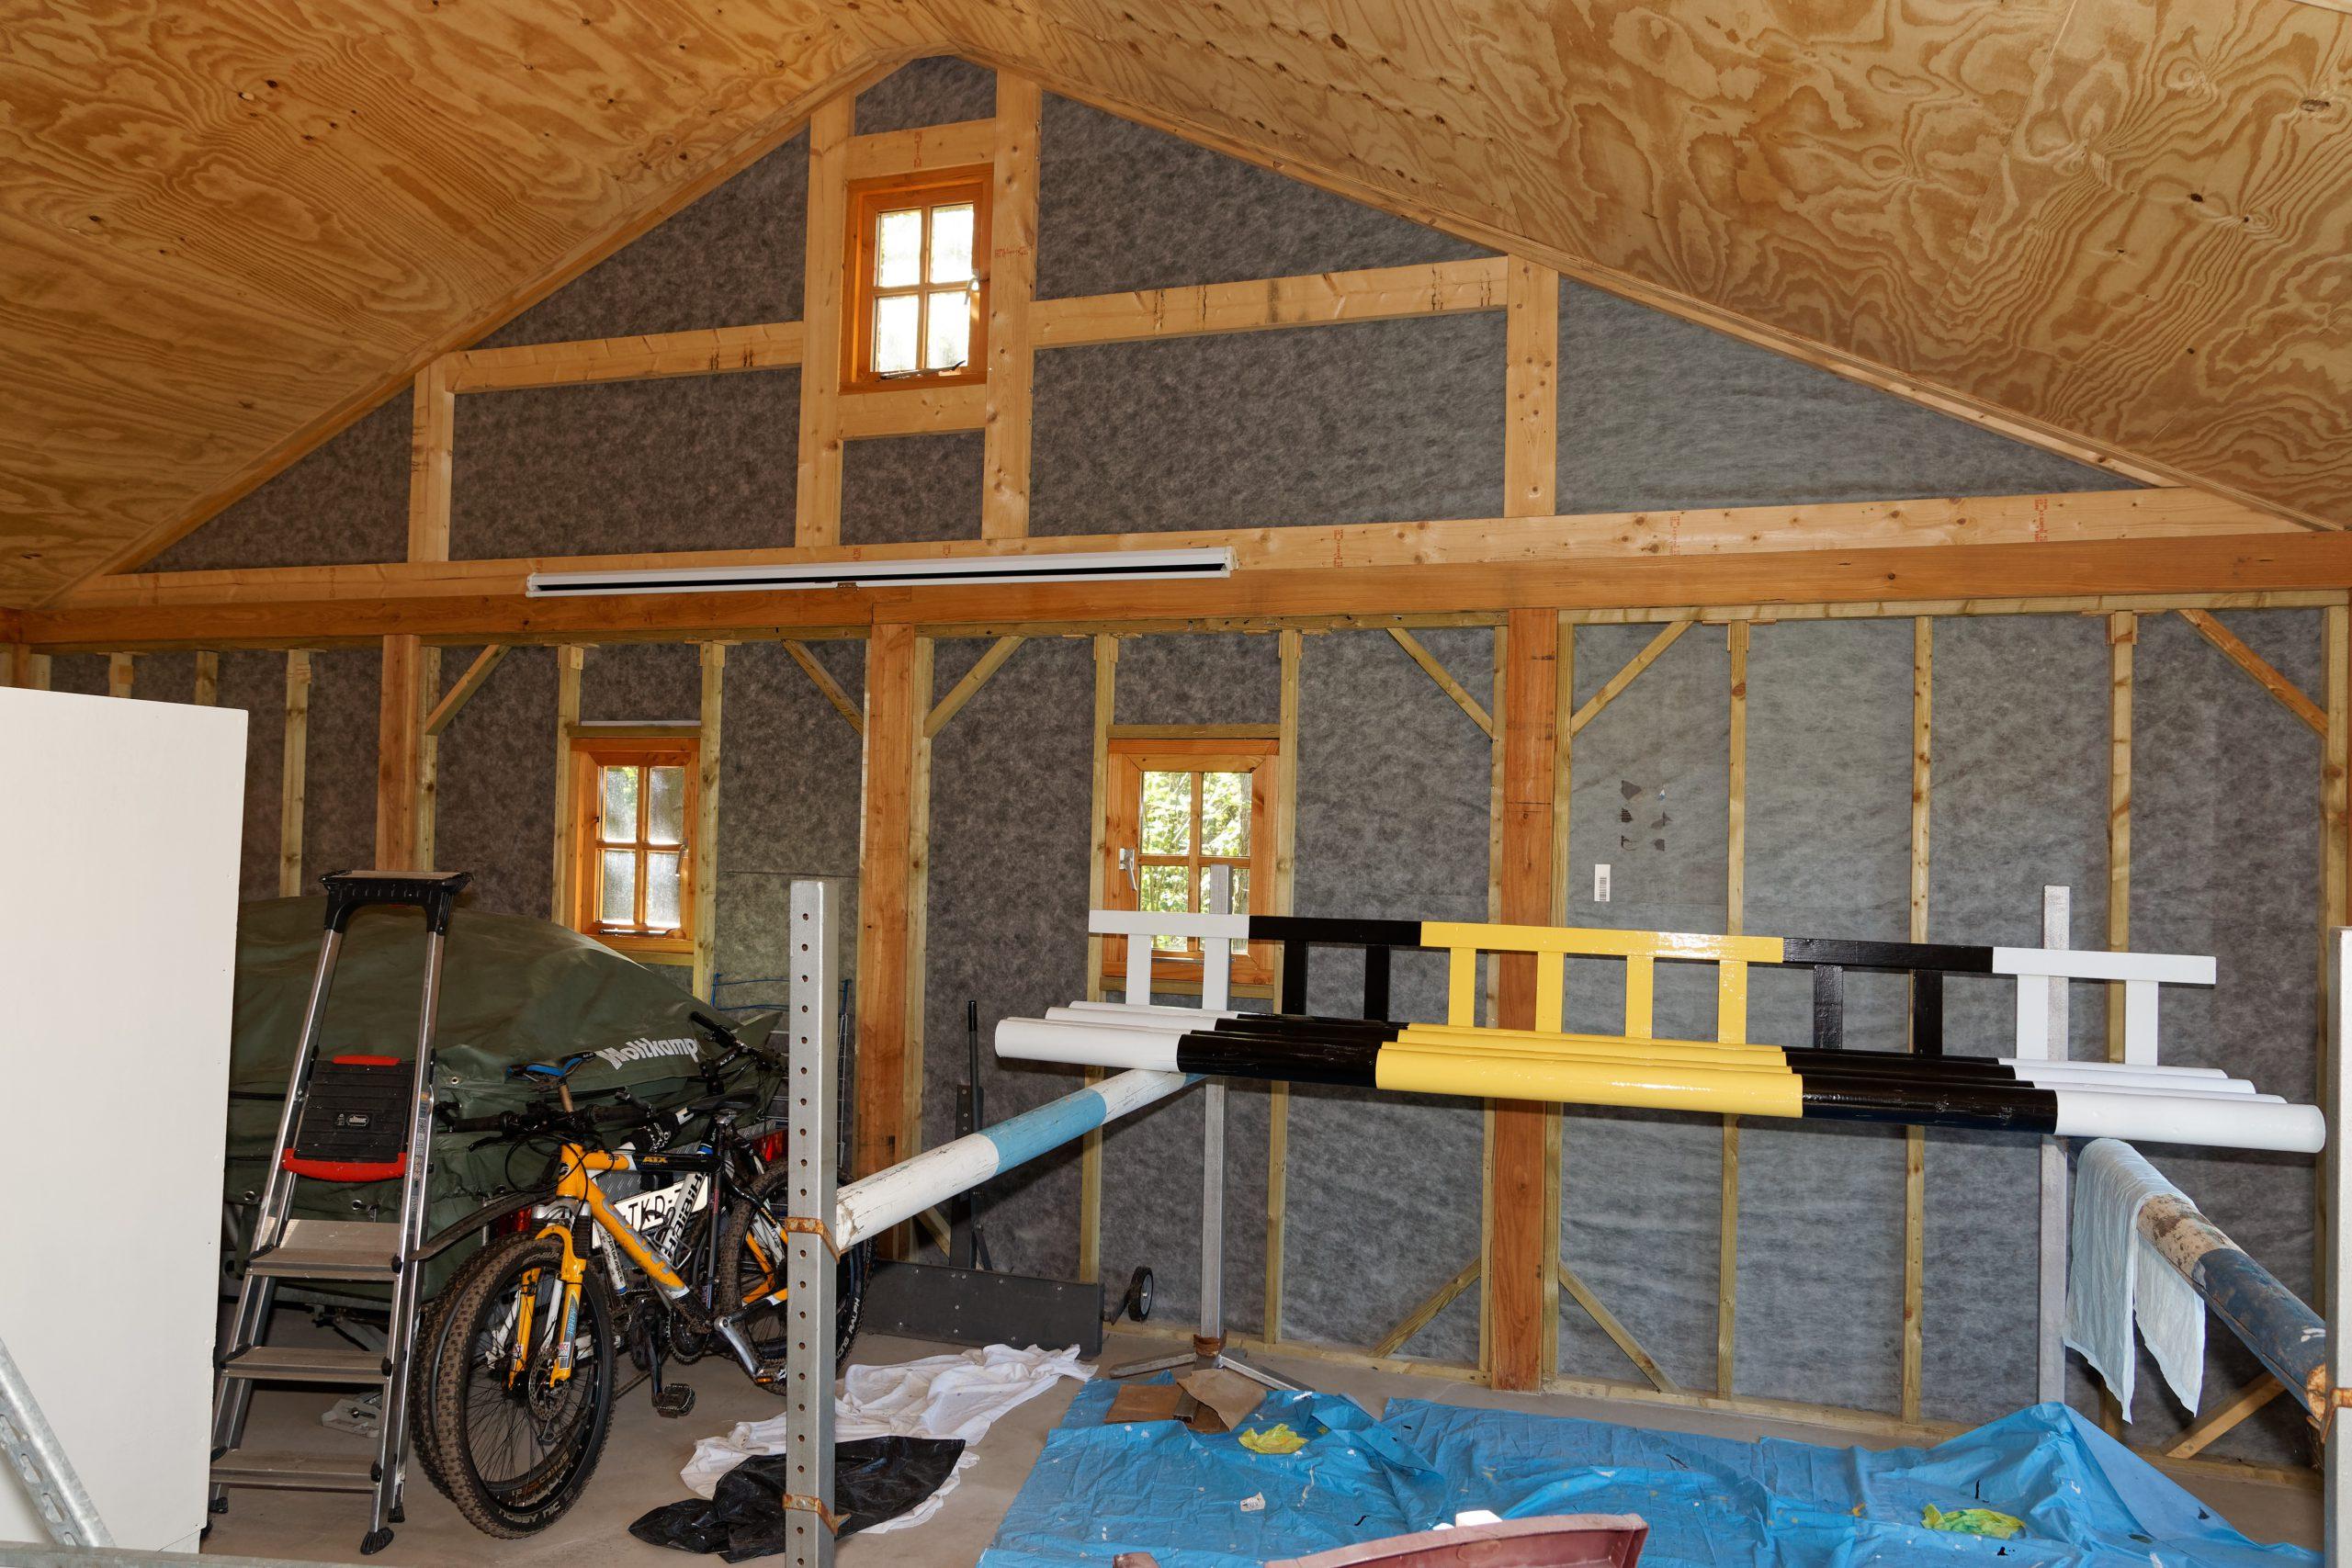 houten-schuur-met-paardenstallen-20-scaled - Project Hardenberg: Grote houten schuur met paardenstallen.